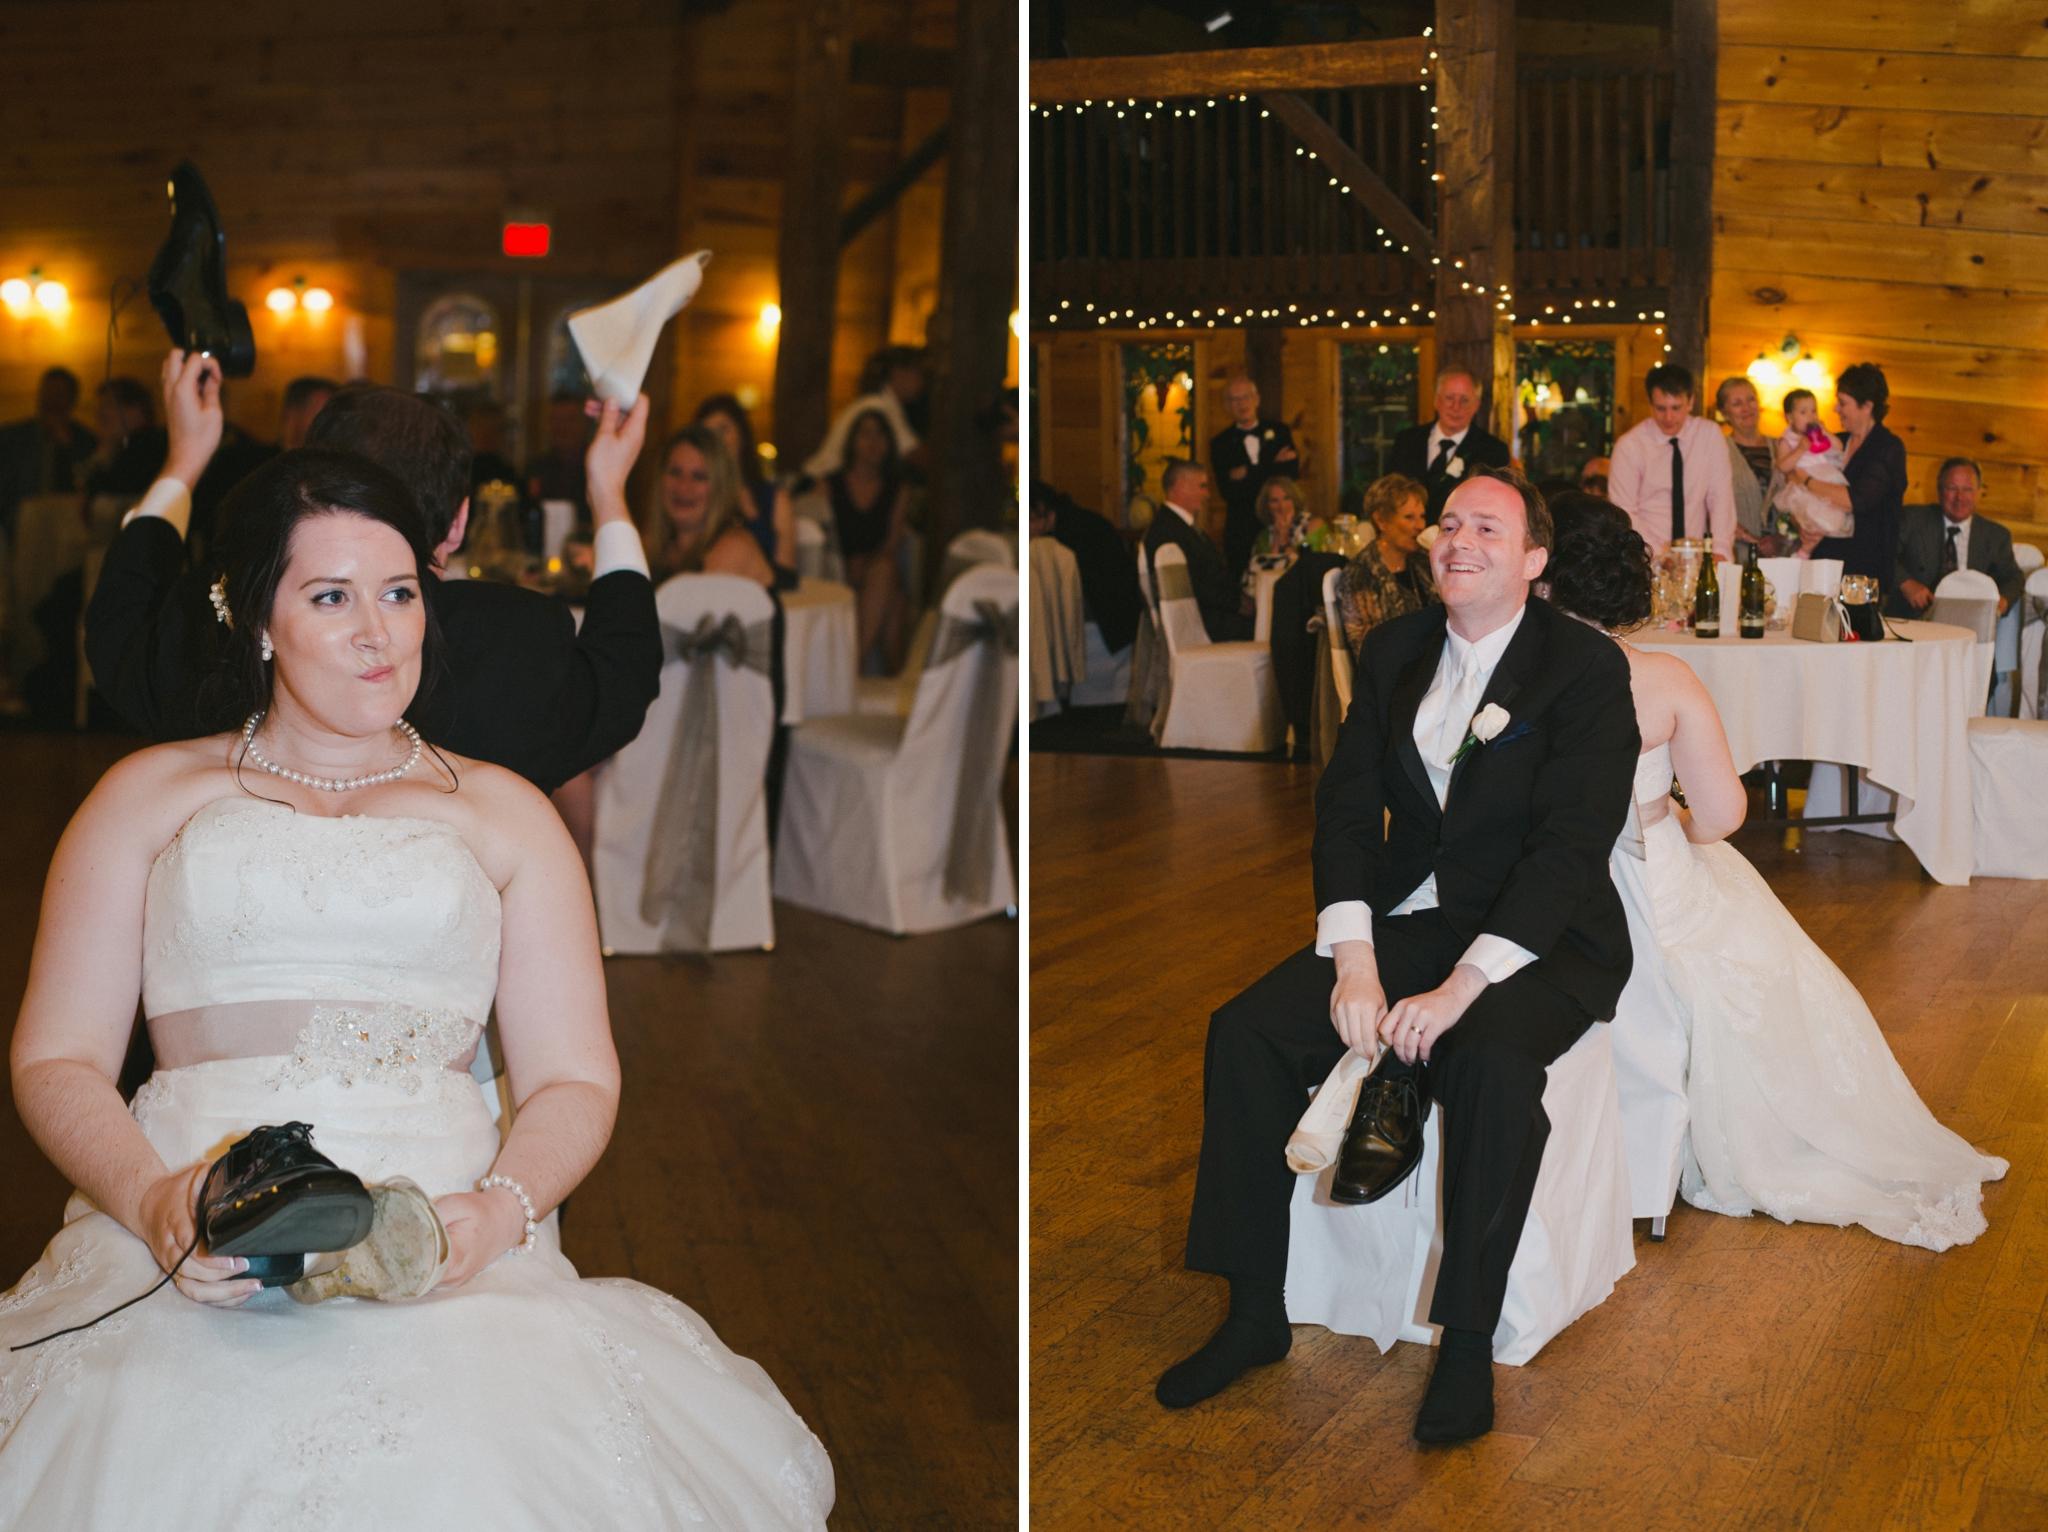 47-bride-and-groom-wedding-games.jpg